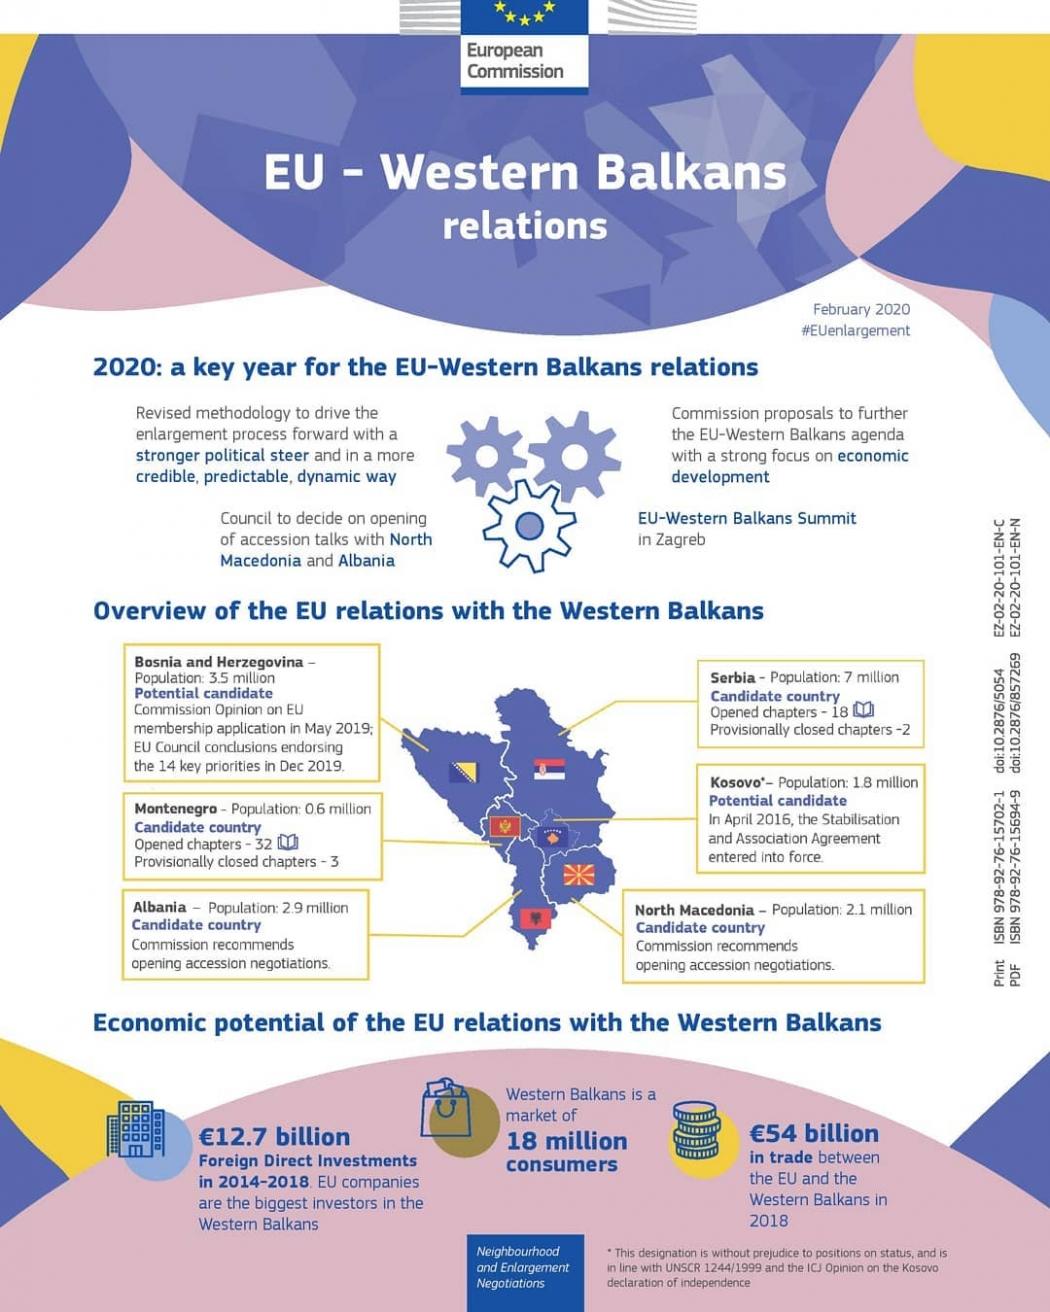 Un proceso de adhesión a la UE más creíble, dinámico, predecible y político: la Comisión presenta sus propuestas